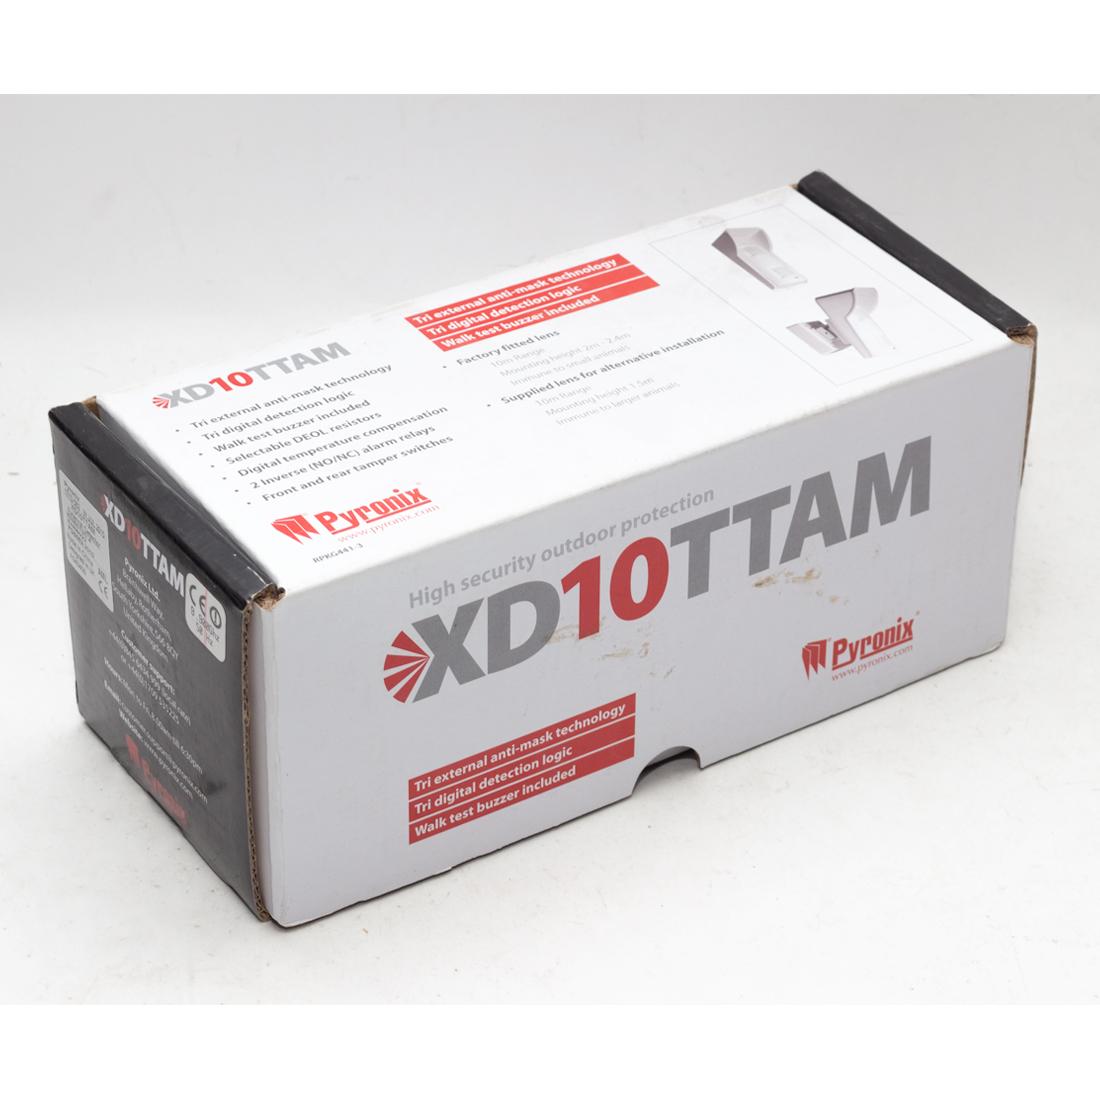 Внешний цифровой детектор PYRONIX, XD10TTAM